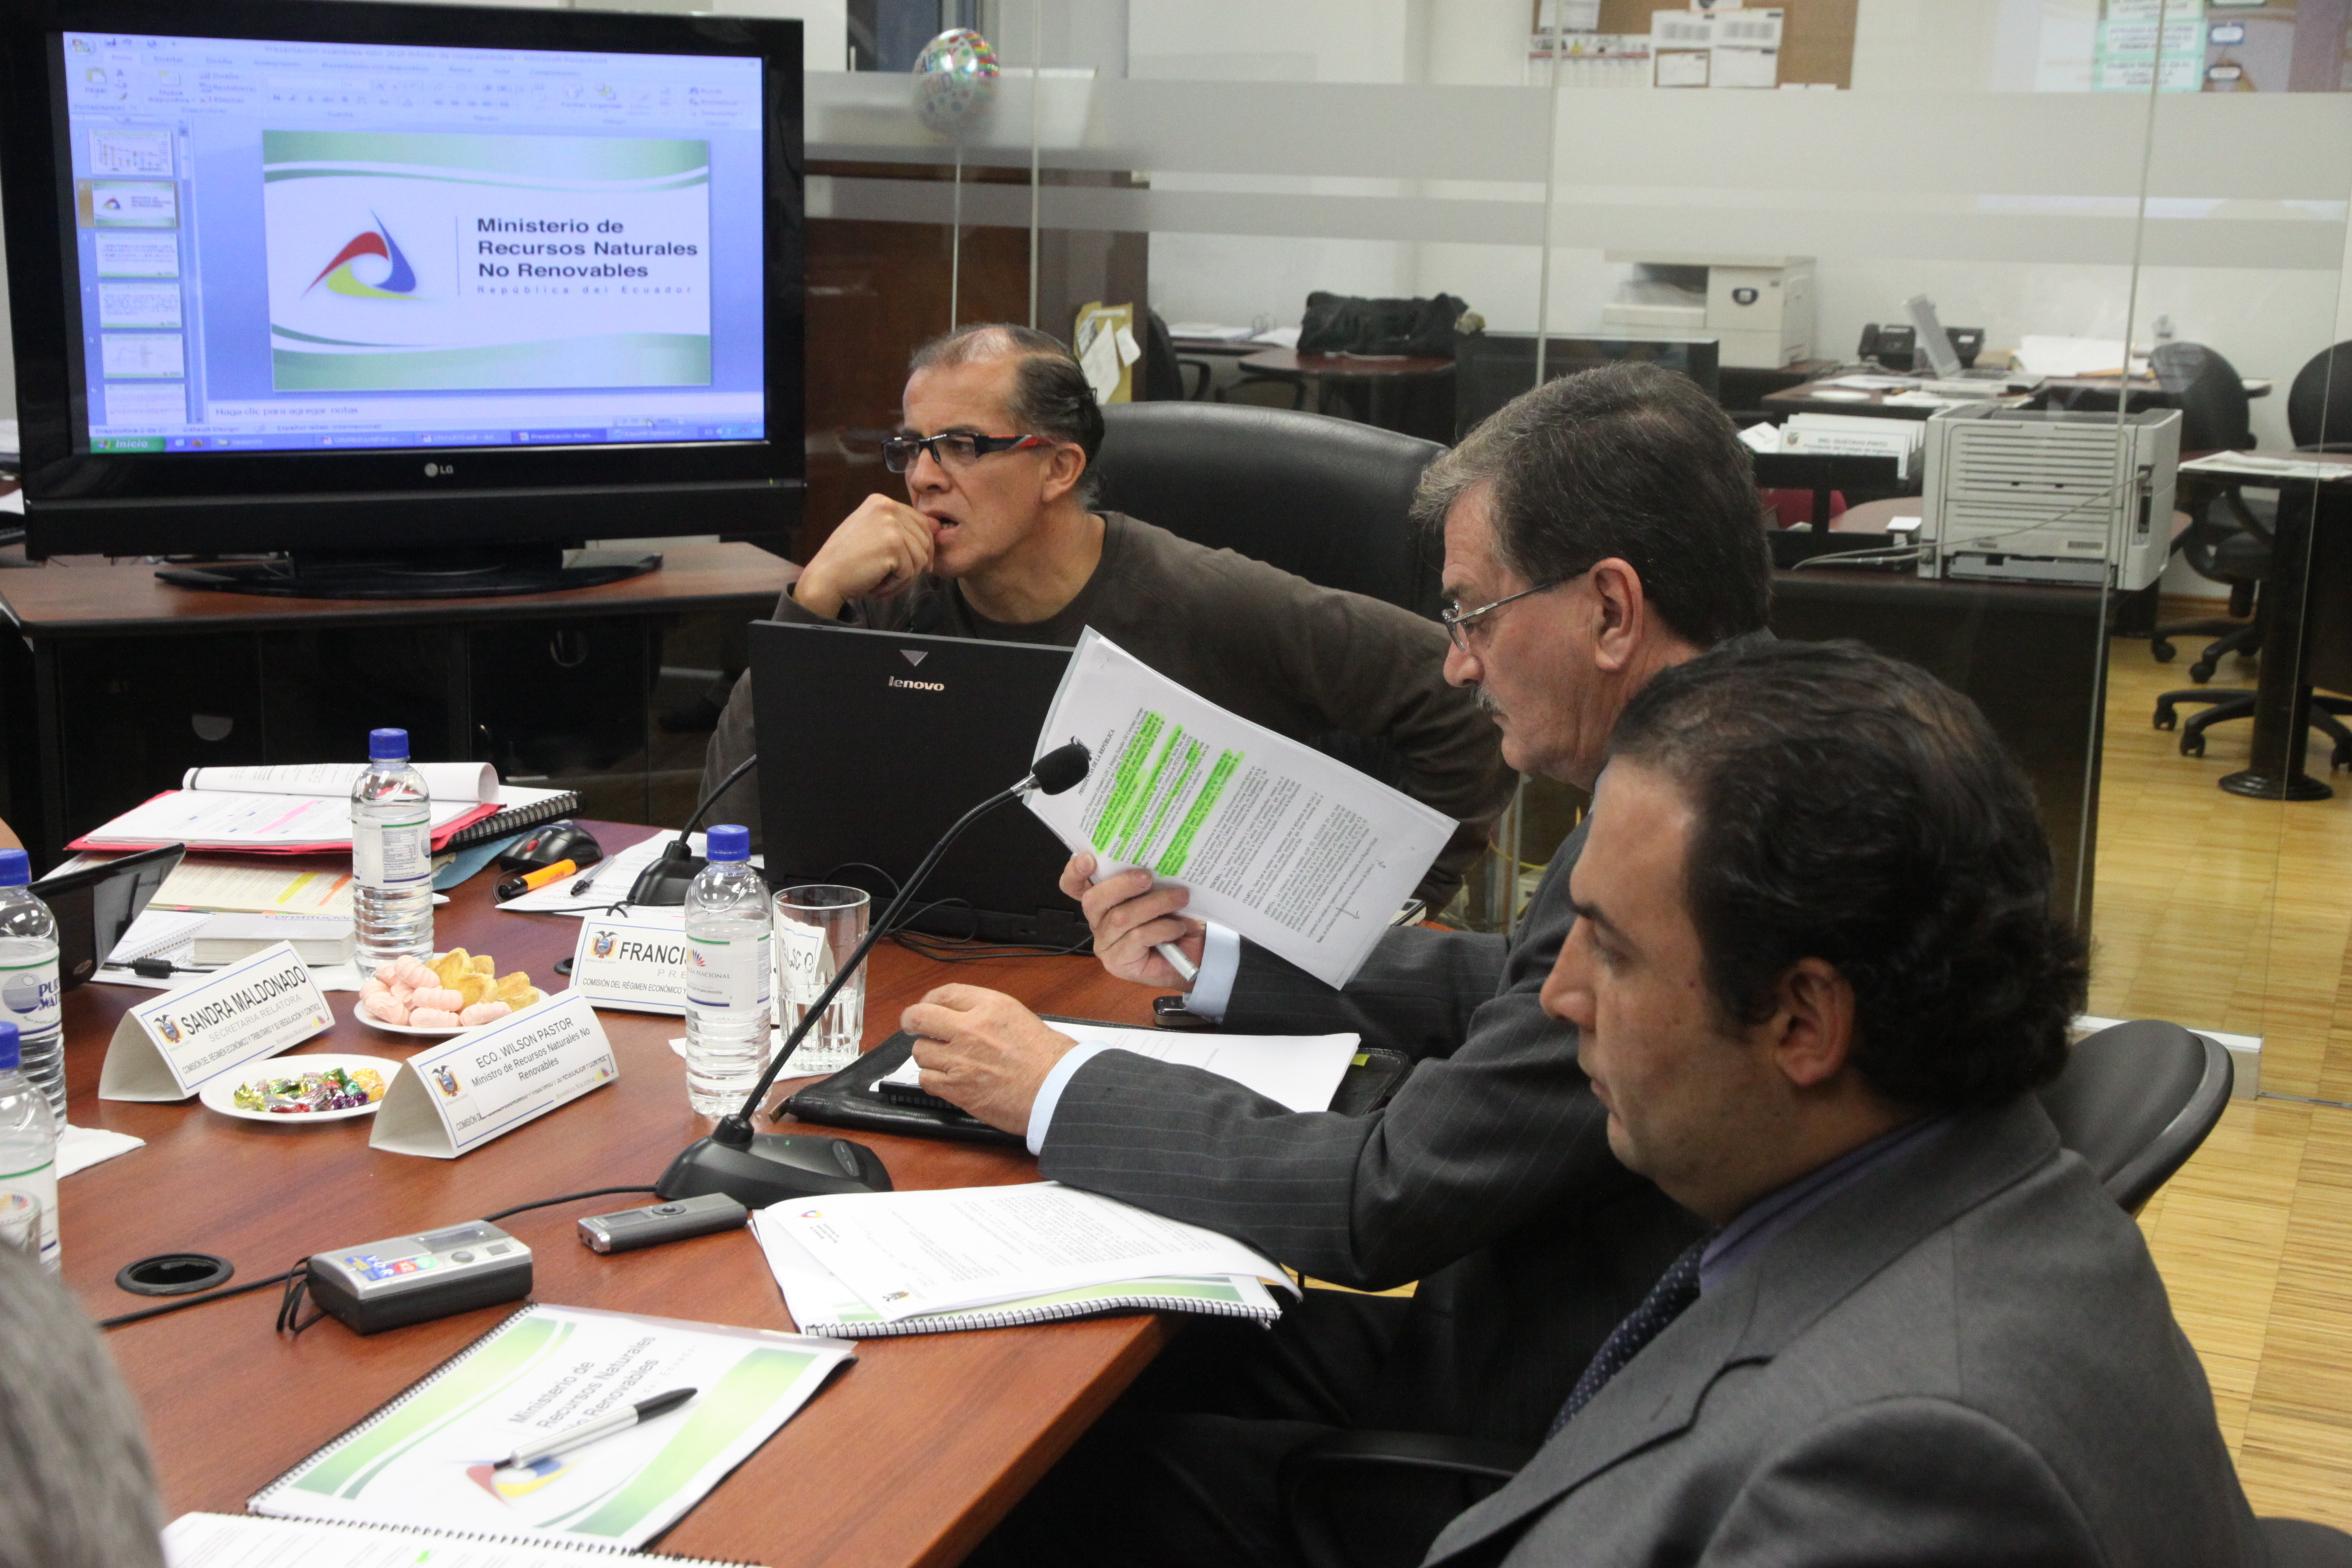 Comisión de Régimen Económico recibe a Ministro de Recursos no Renovables, Wilsón Pastor (4765737062).jpg Español: 5 de Julio de 2010 Date 5 July